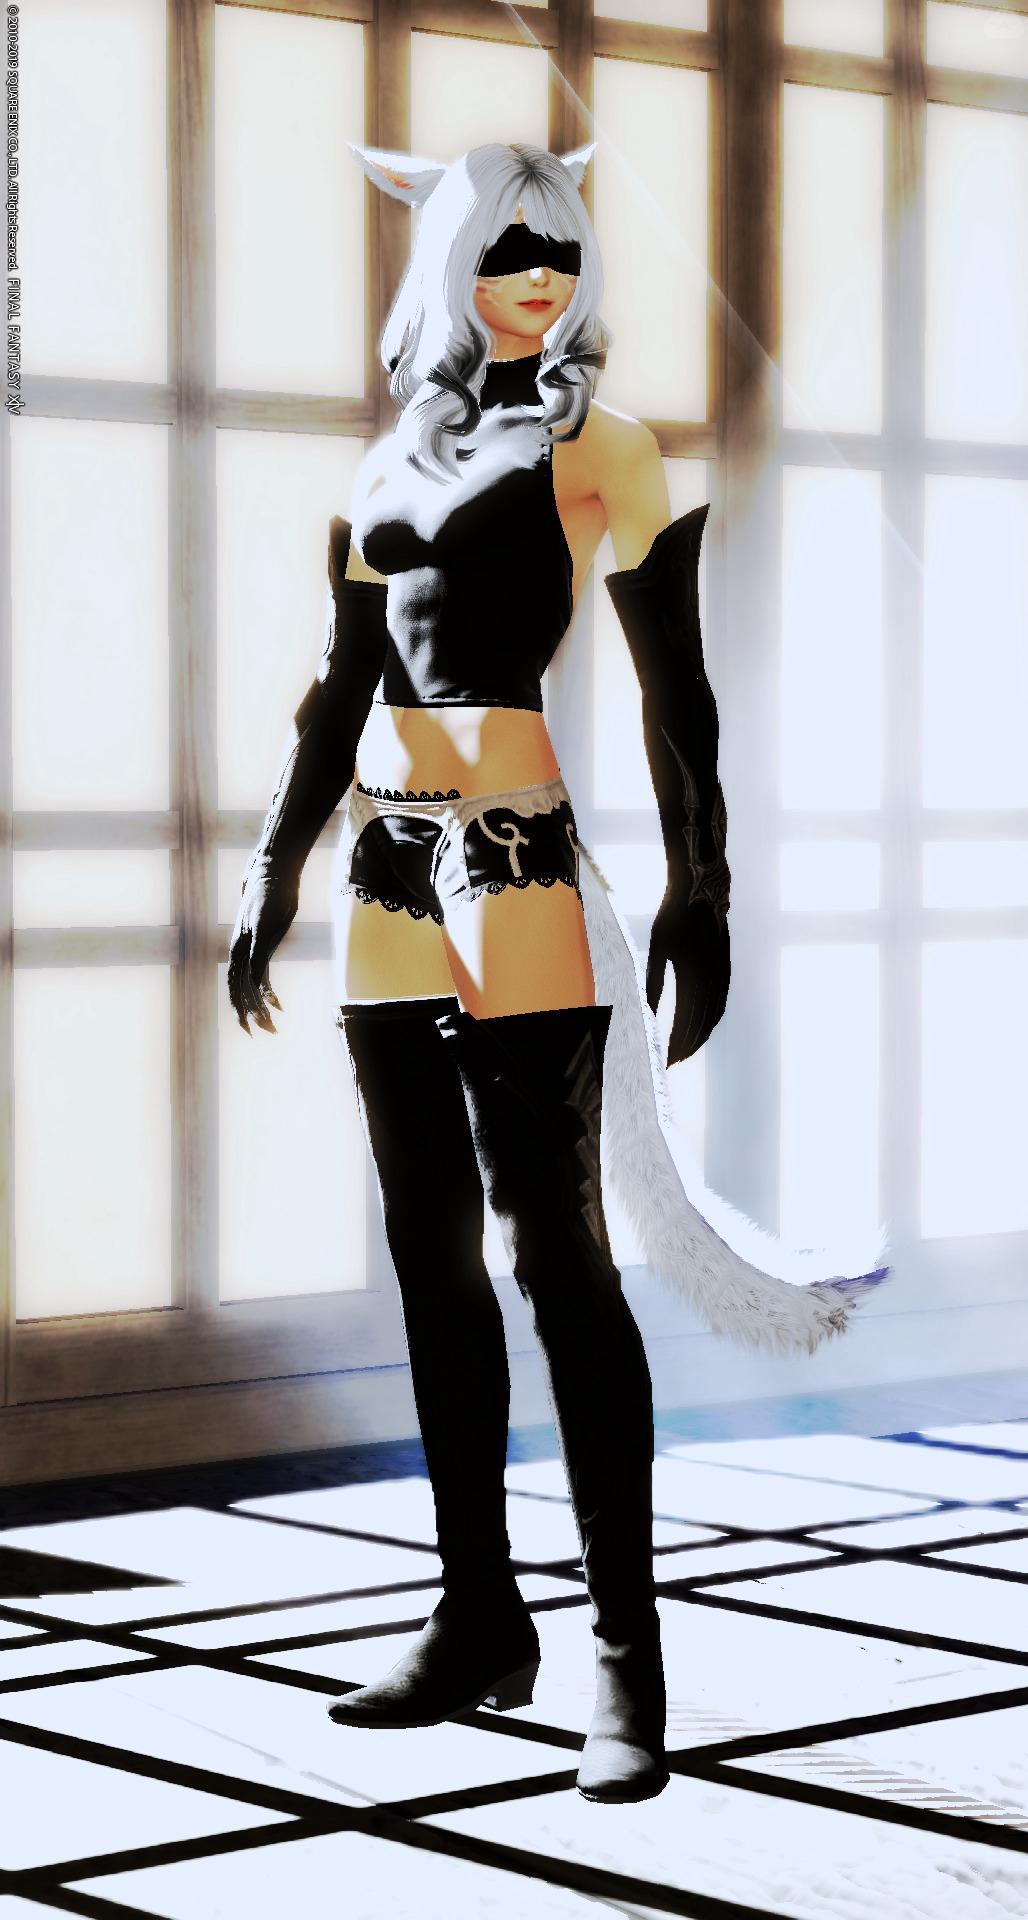 NieR:Automata A2